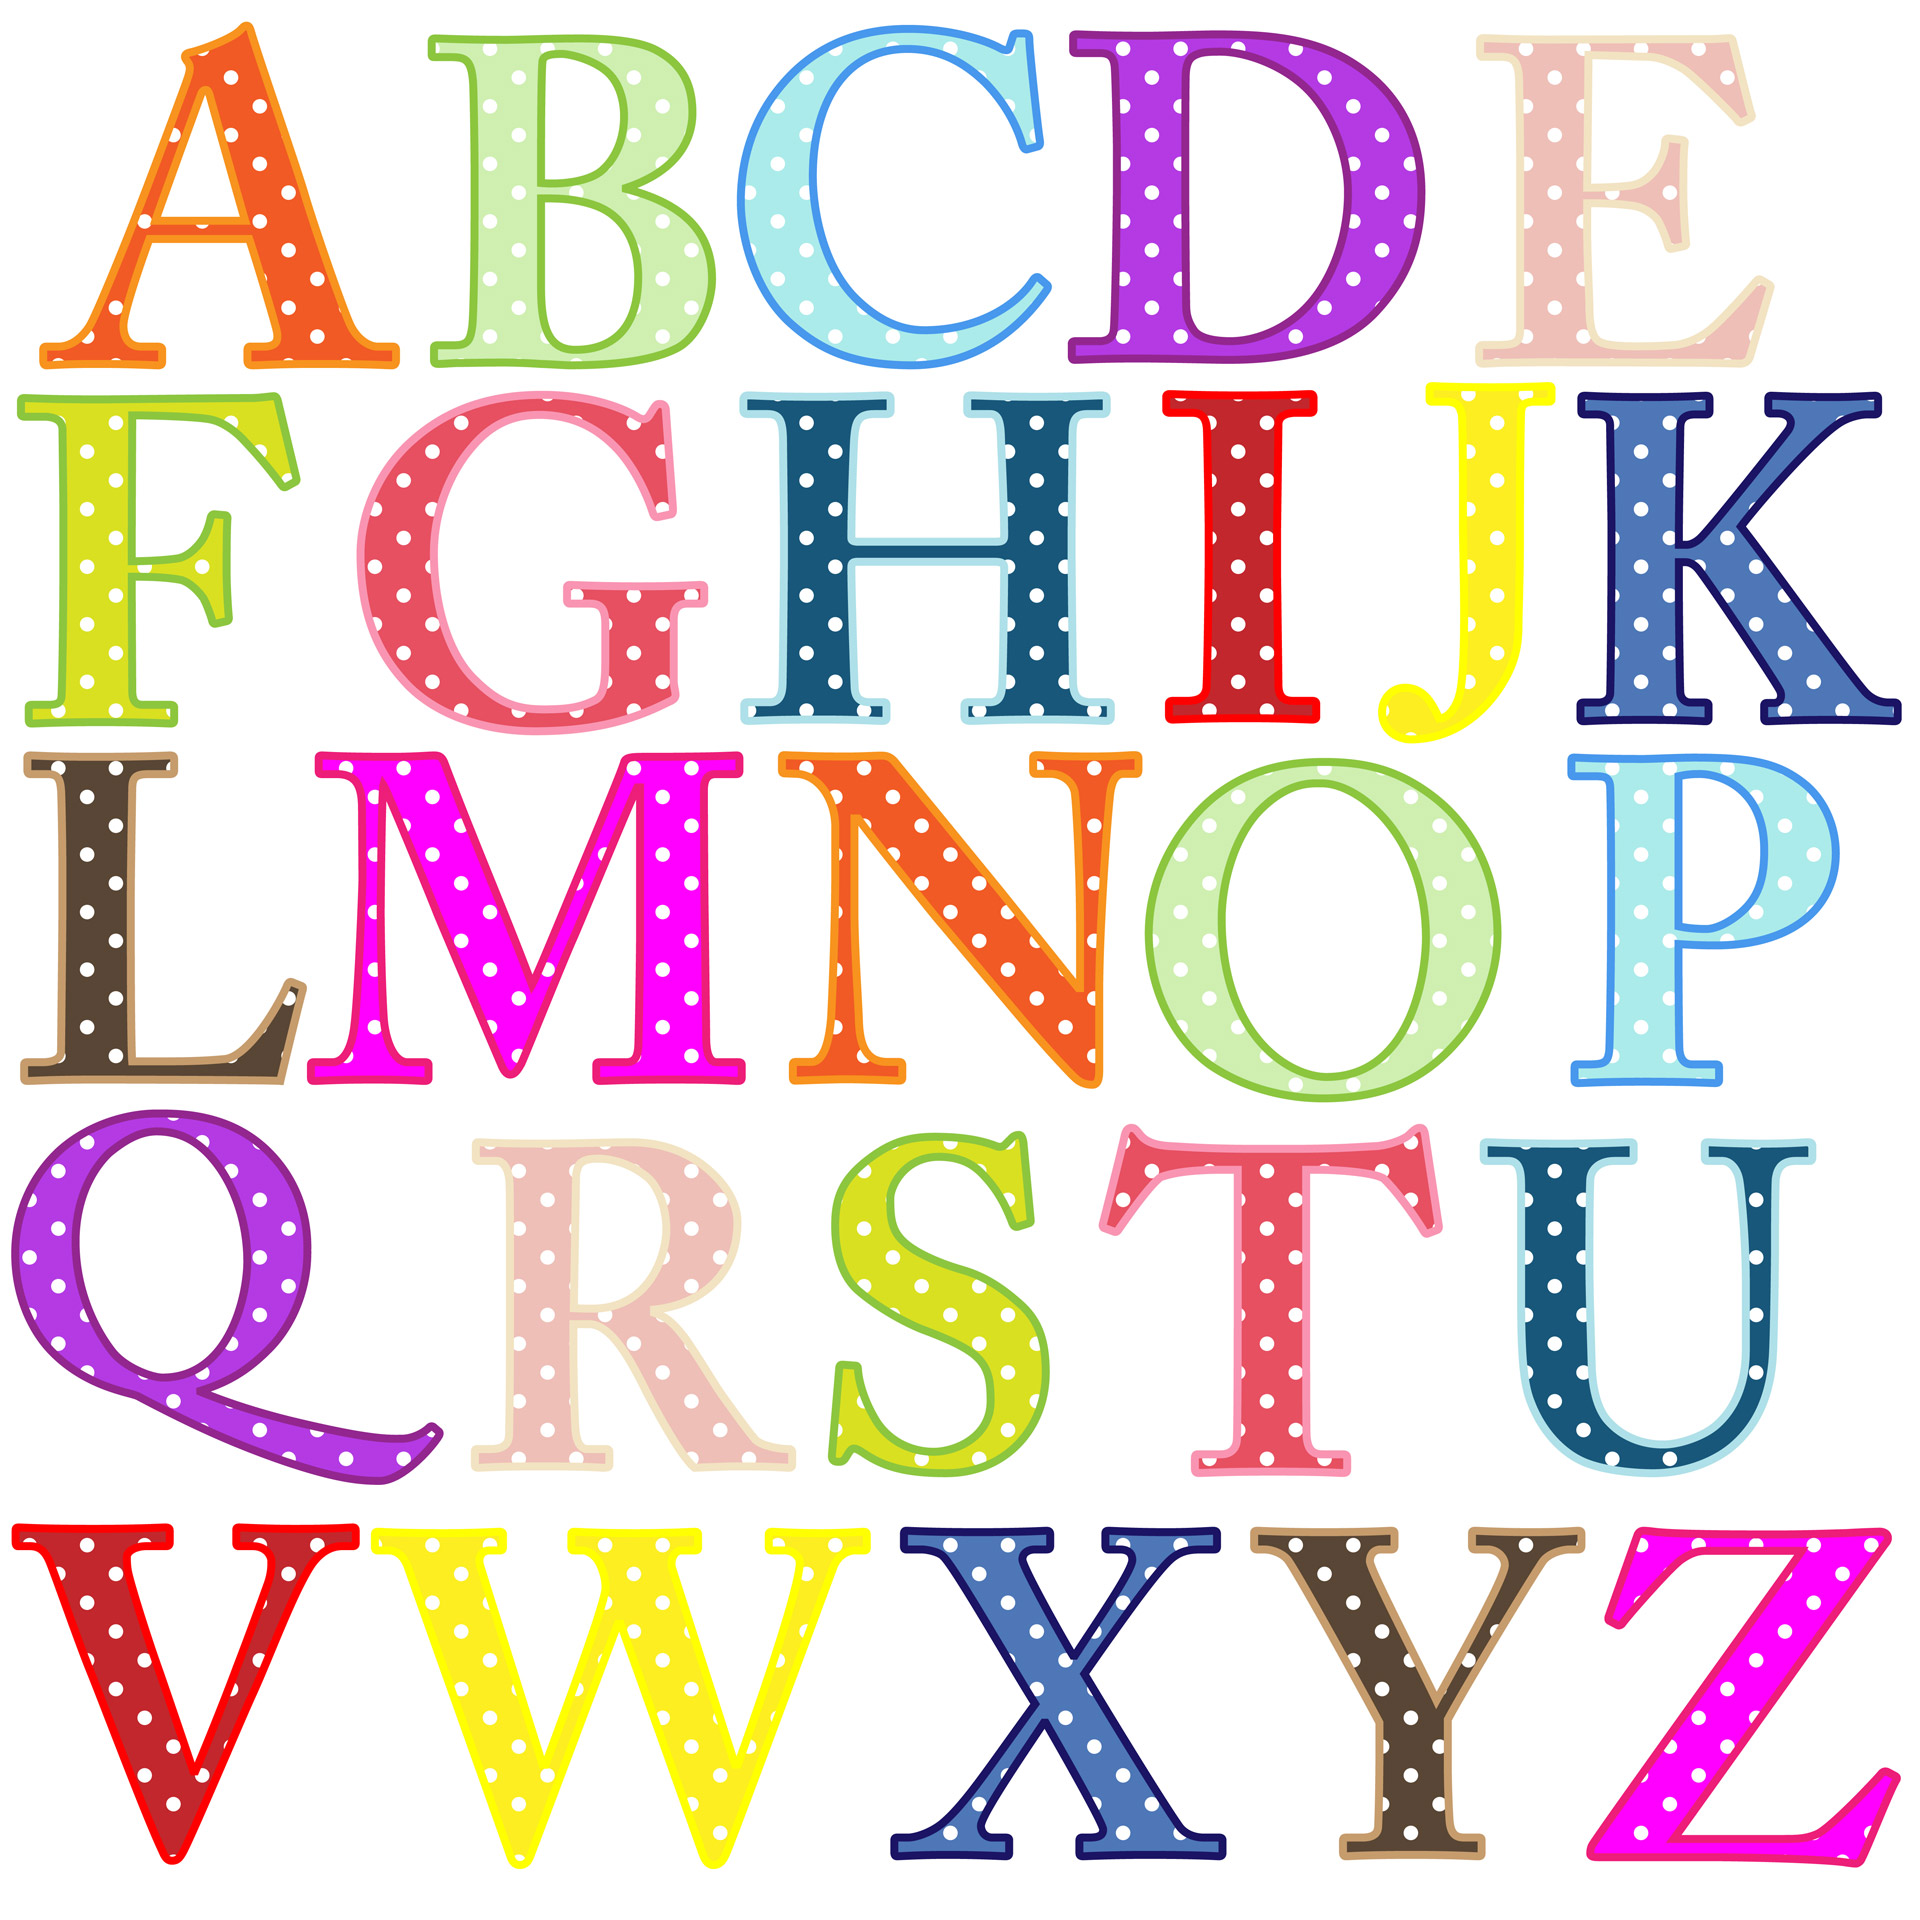 Alphabet Letters Clip-art-Alphabet Letters Clip-art-5